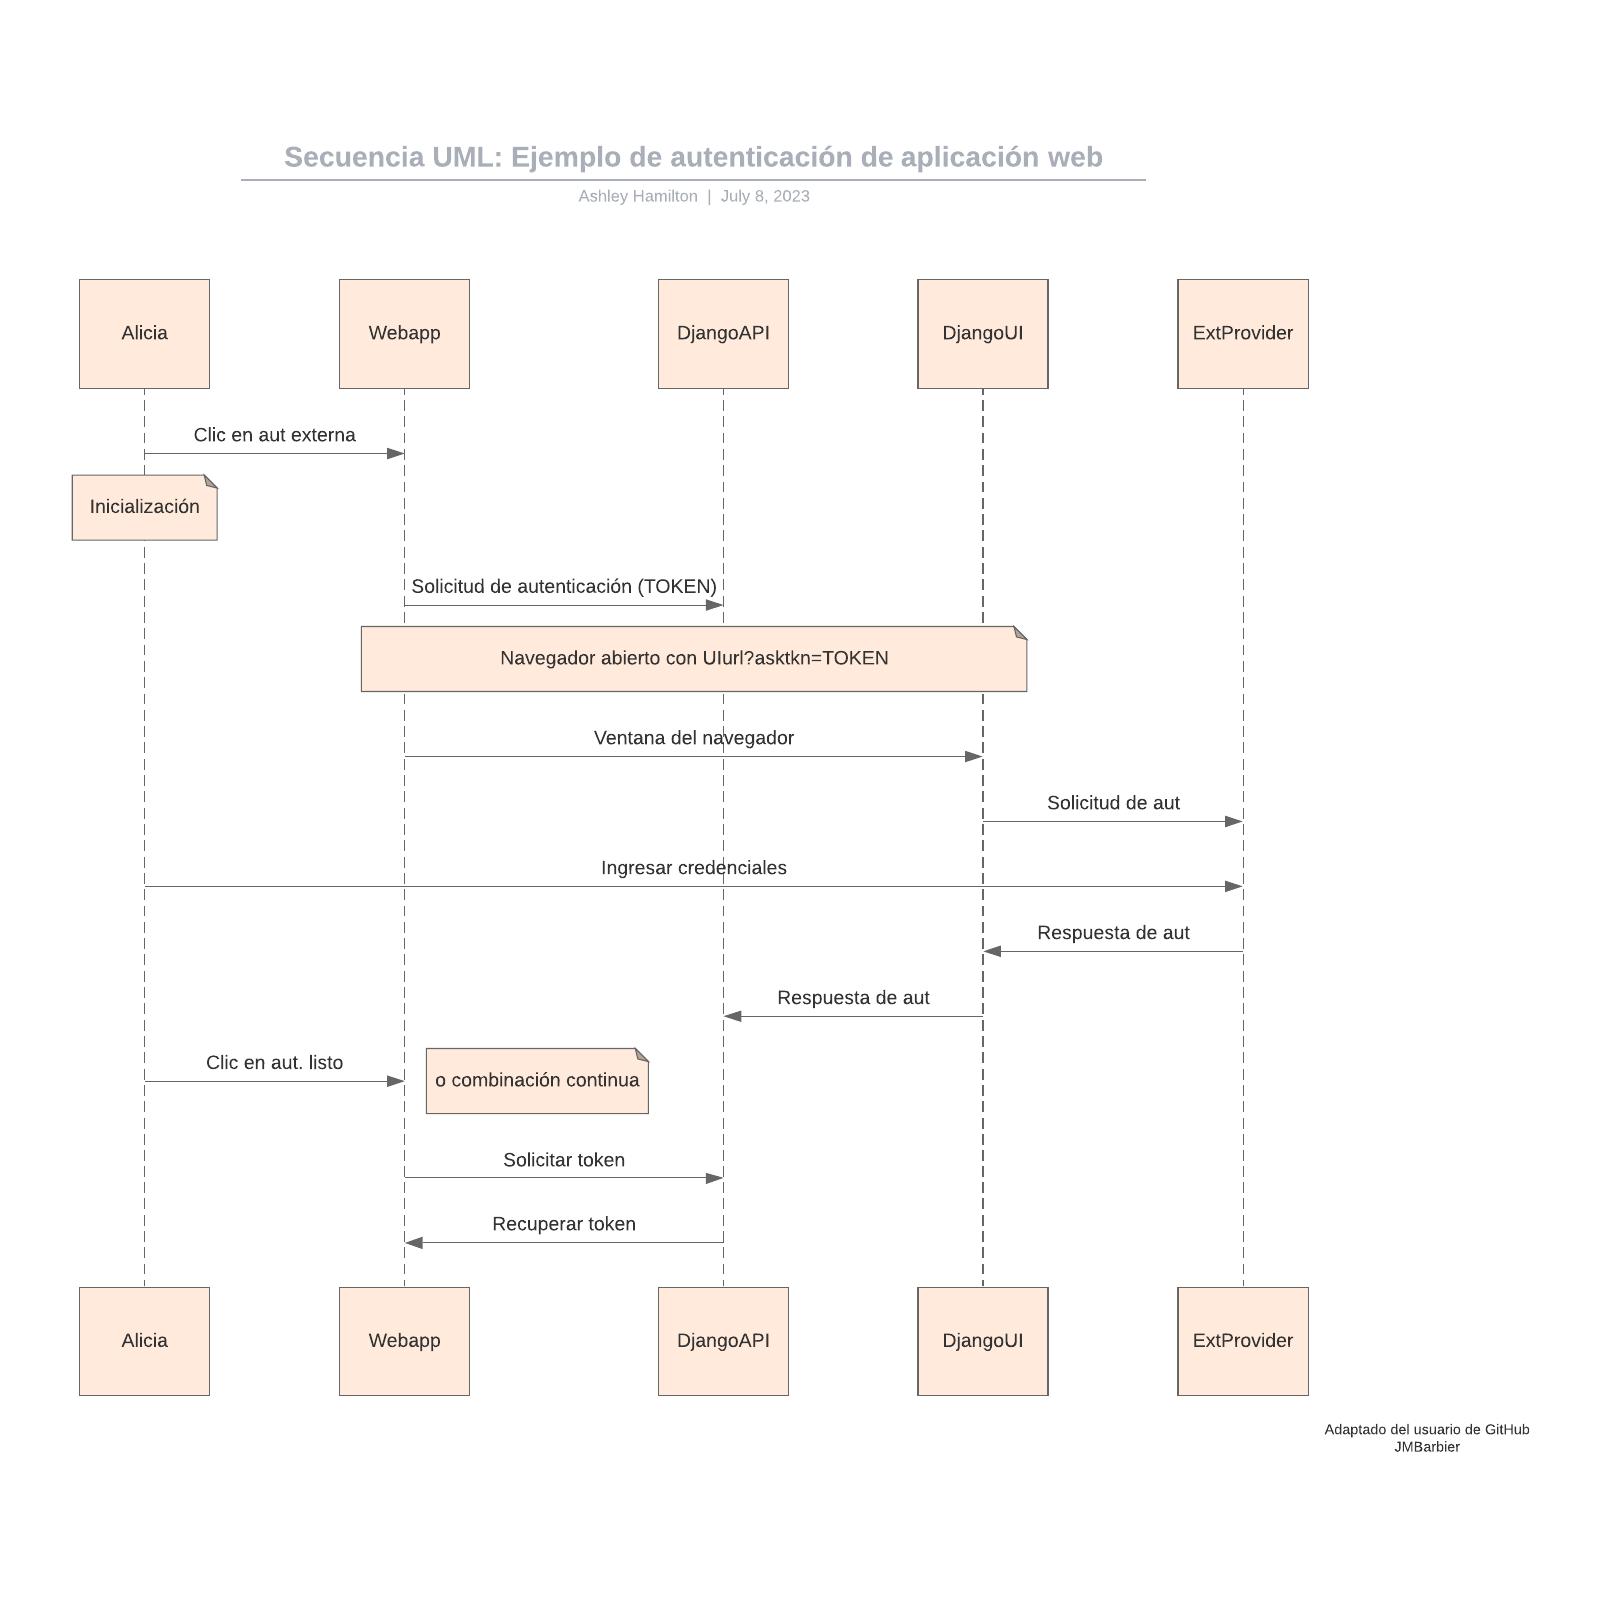 Secuencia UML: Ejemplo de autenticación de aplicación web